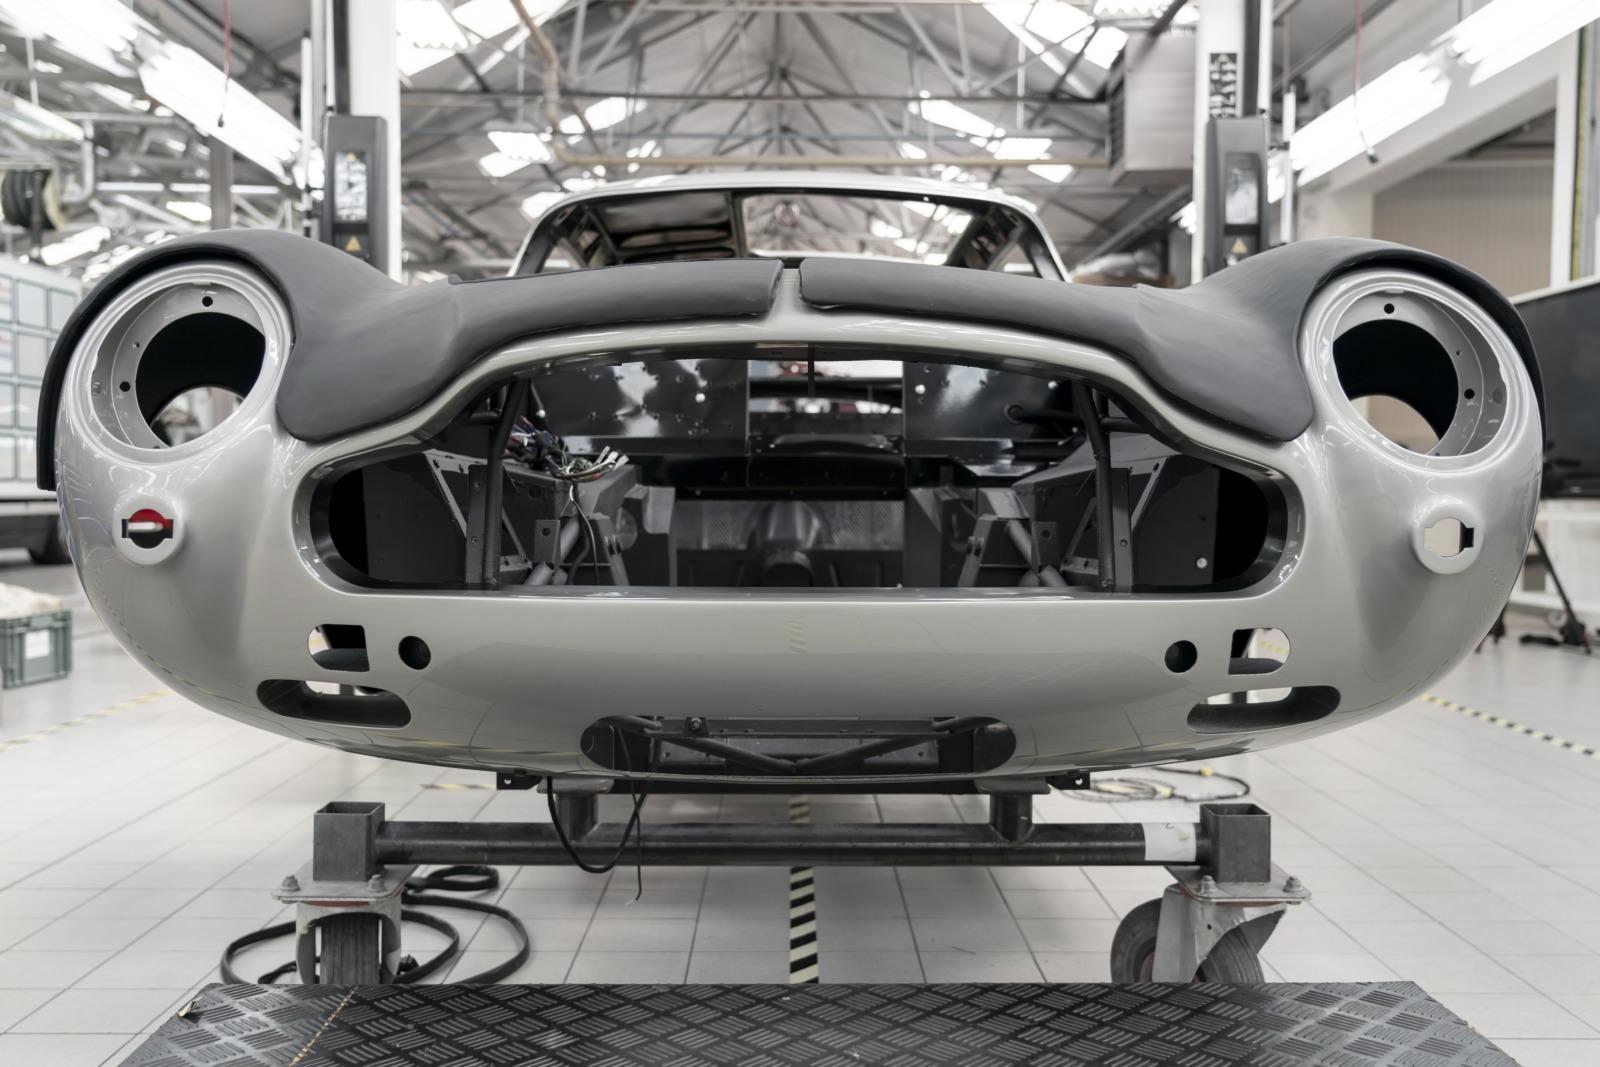 ボンドカーがそのまま蘇る! アストンマーティン DB5の新車を25台限定で生産